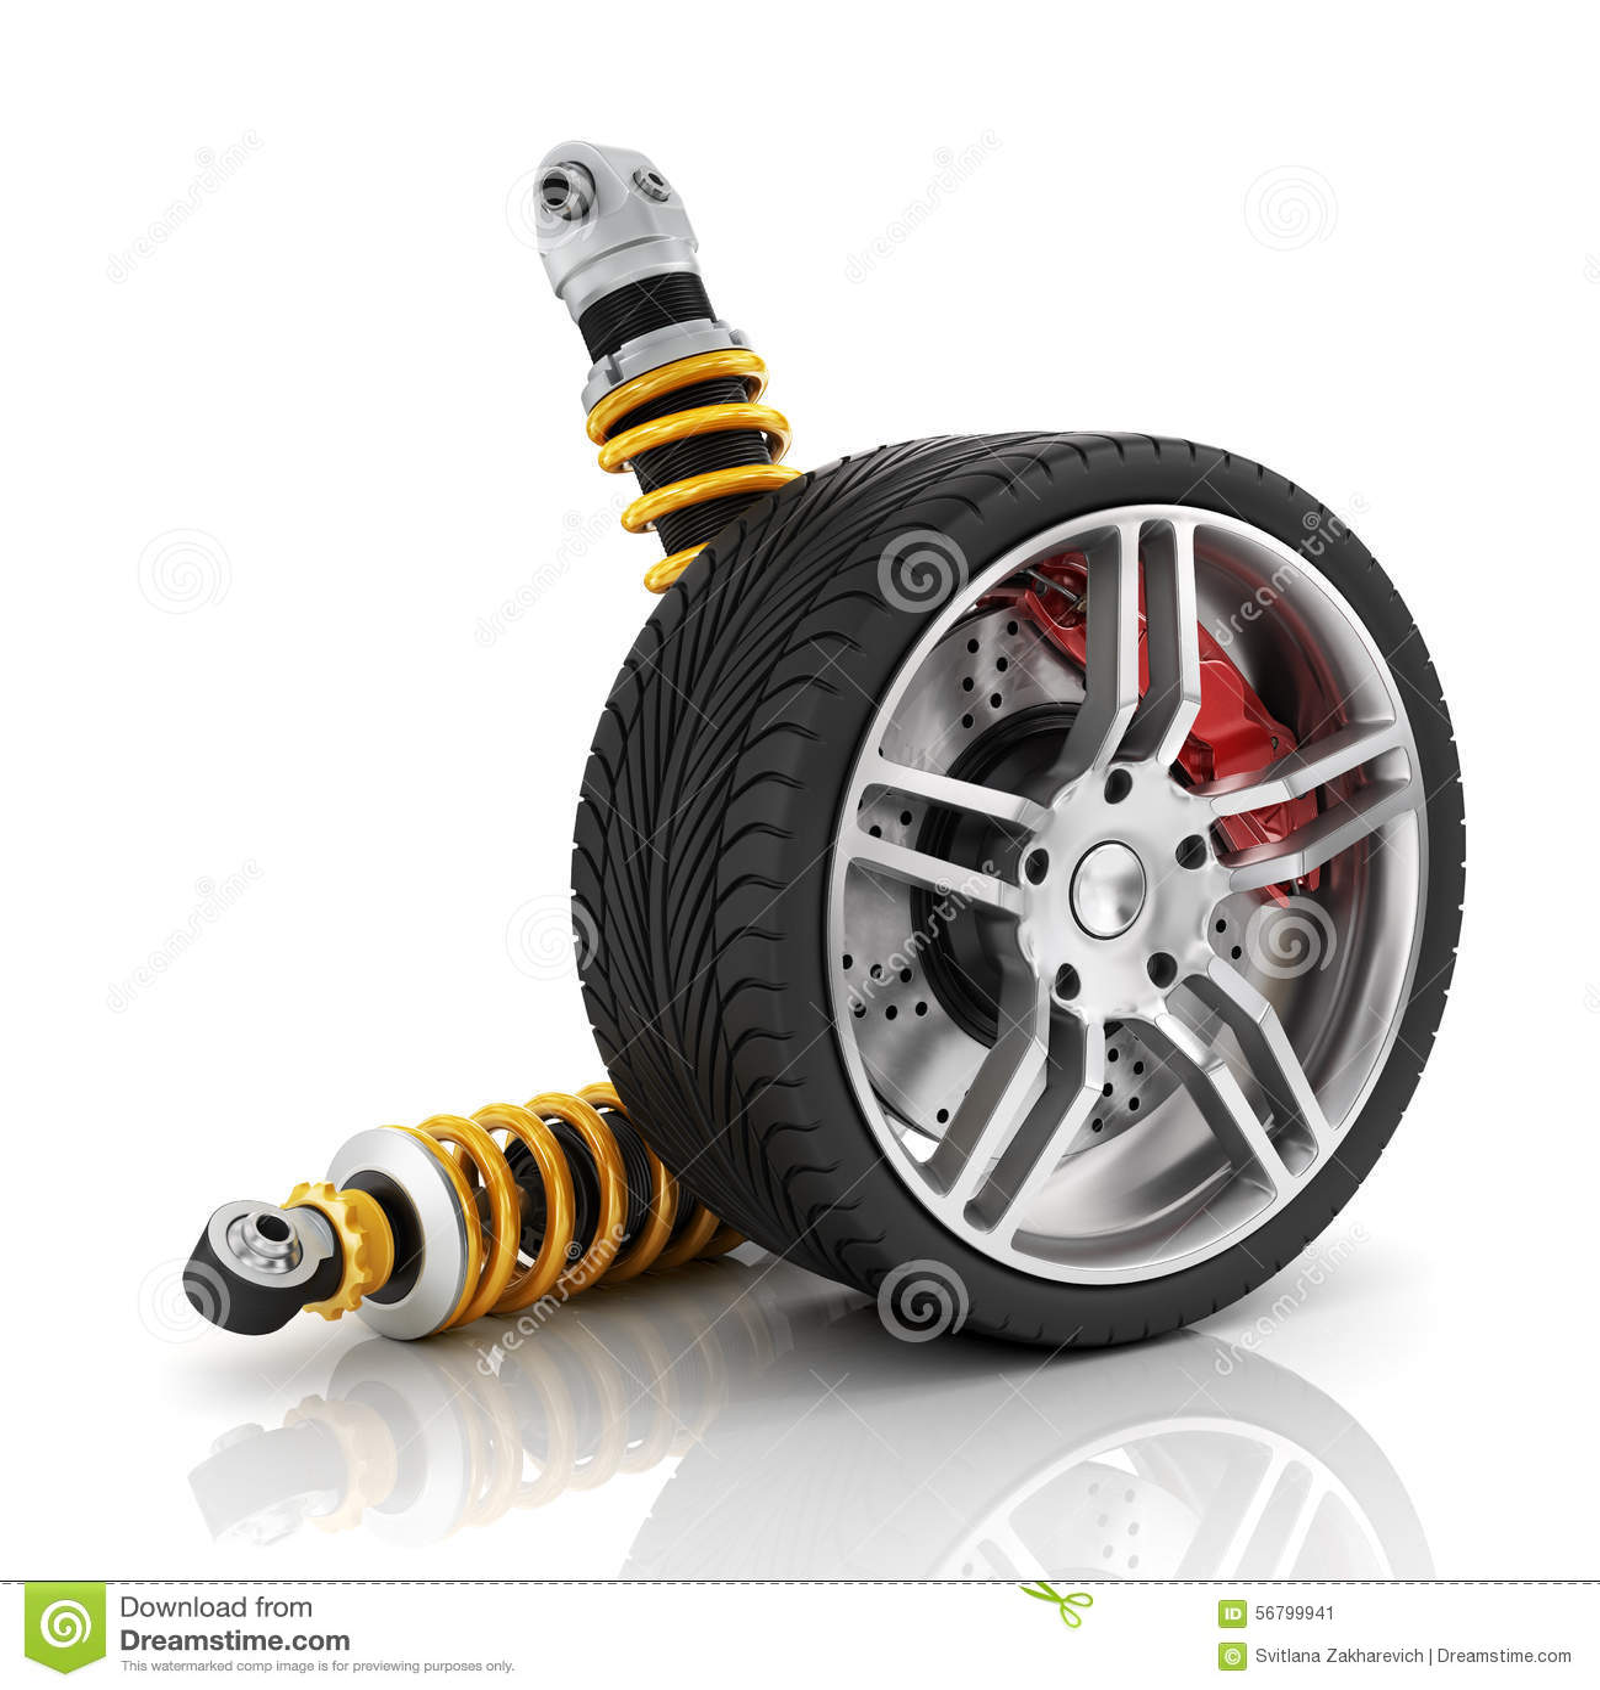 roue de voiture avec des freins des amortisseurs des pneus et des jantes illustration stock. Black Bedroom Furniture Sets. Home Design Ideas